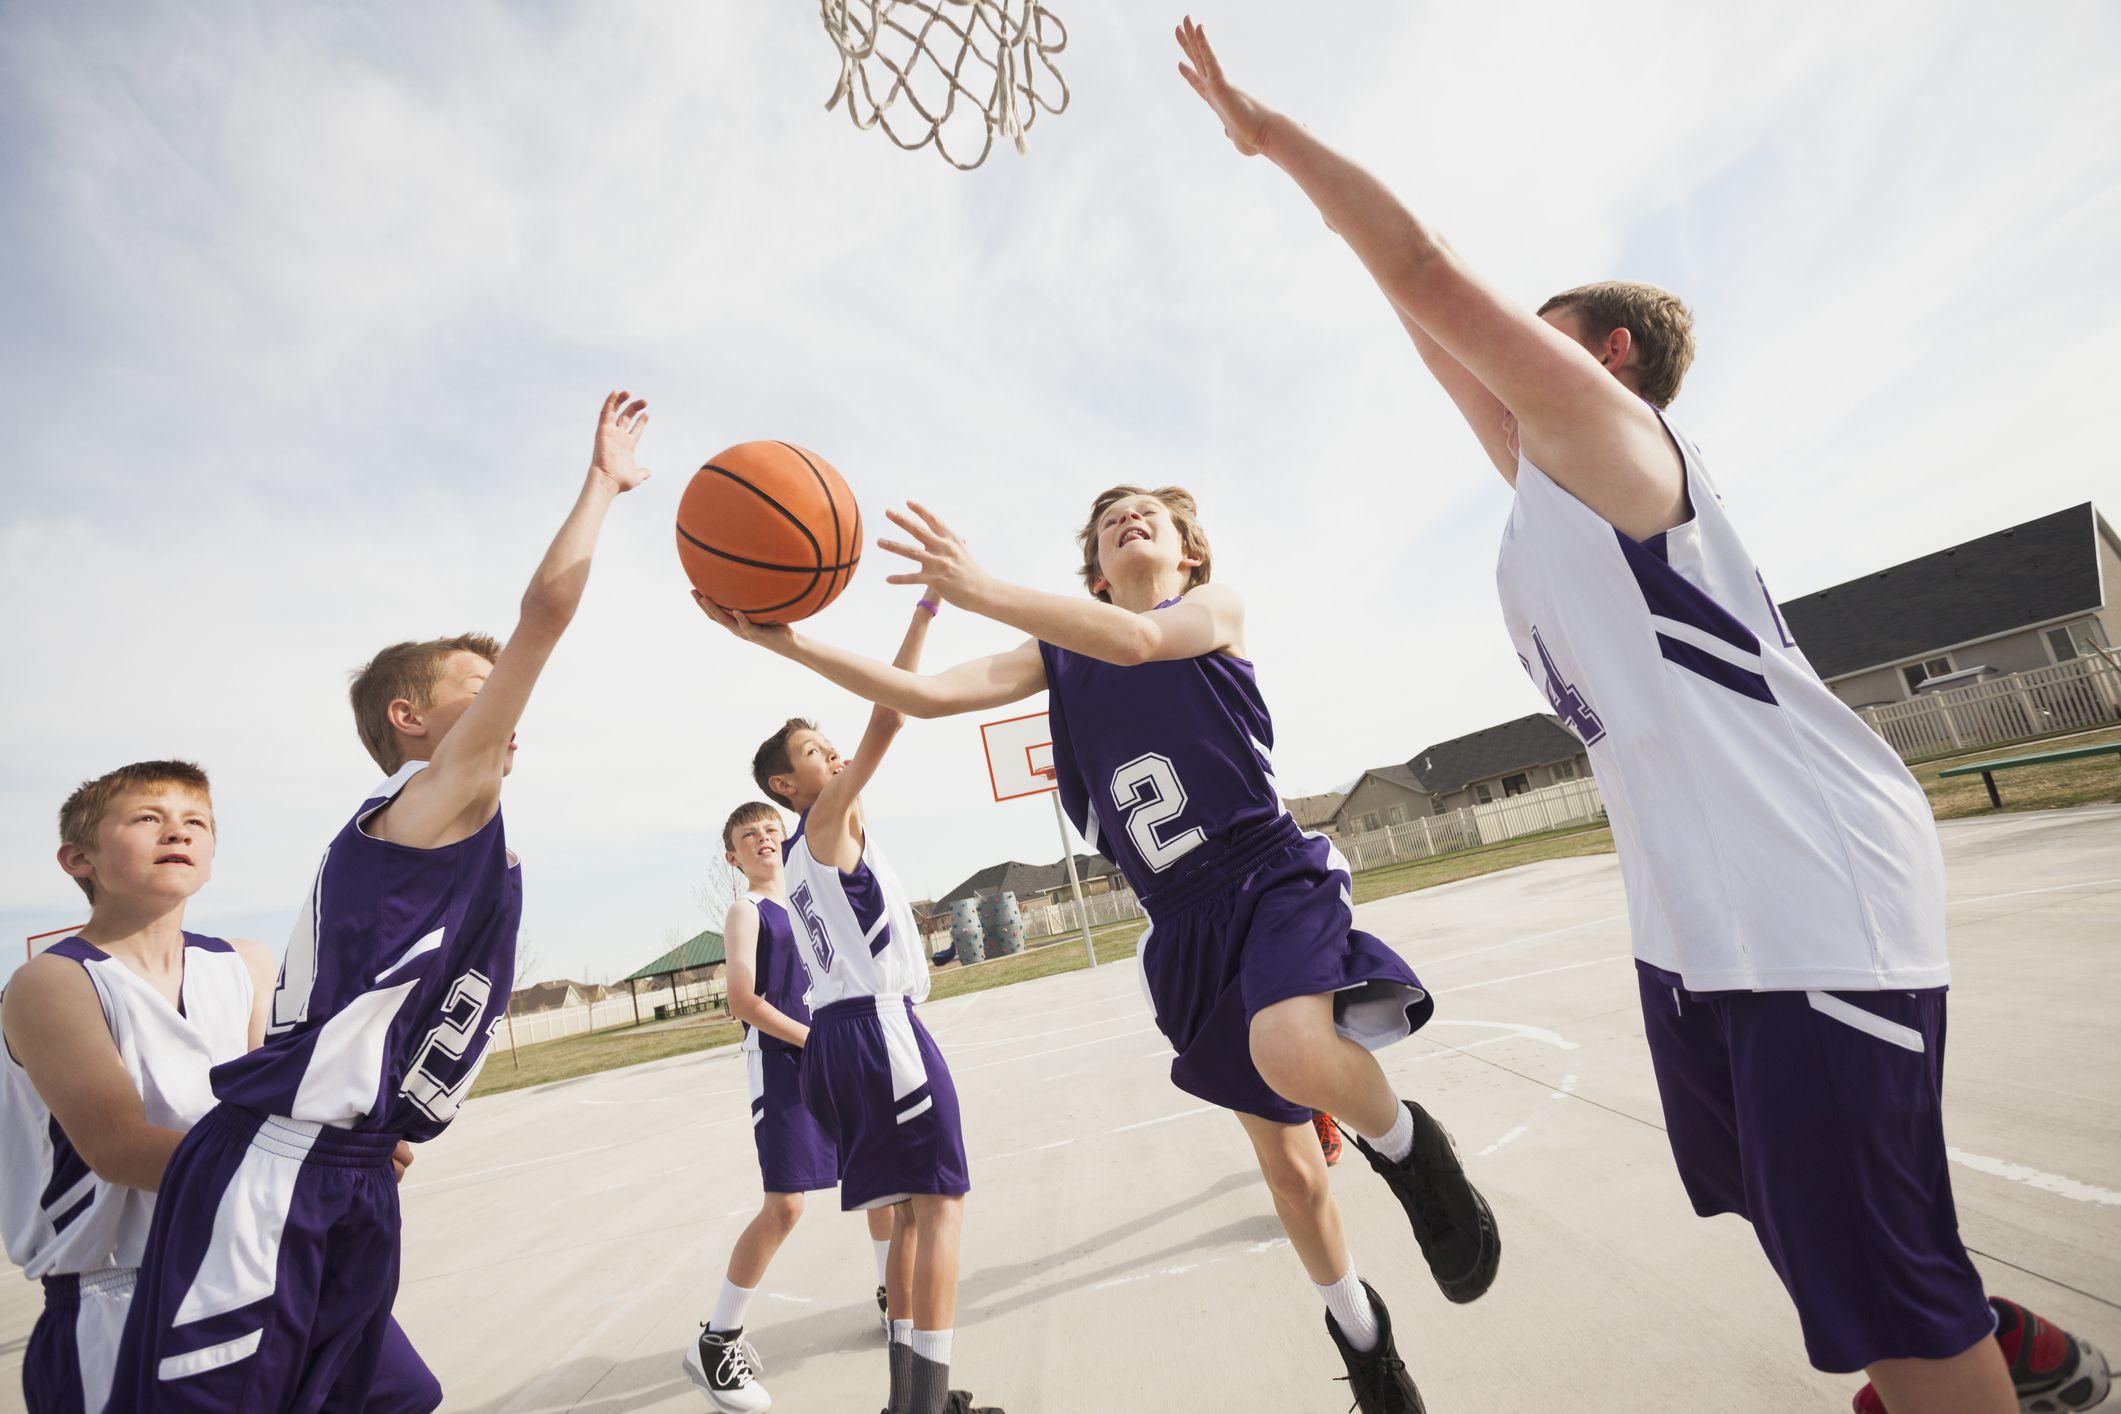 leziuni la baschet tratament de hipeartroză la genunchi